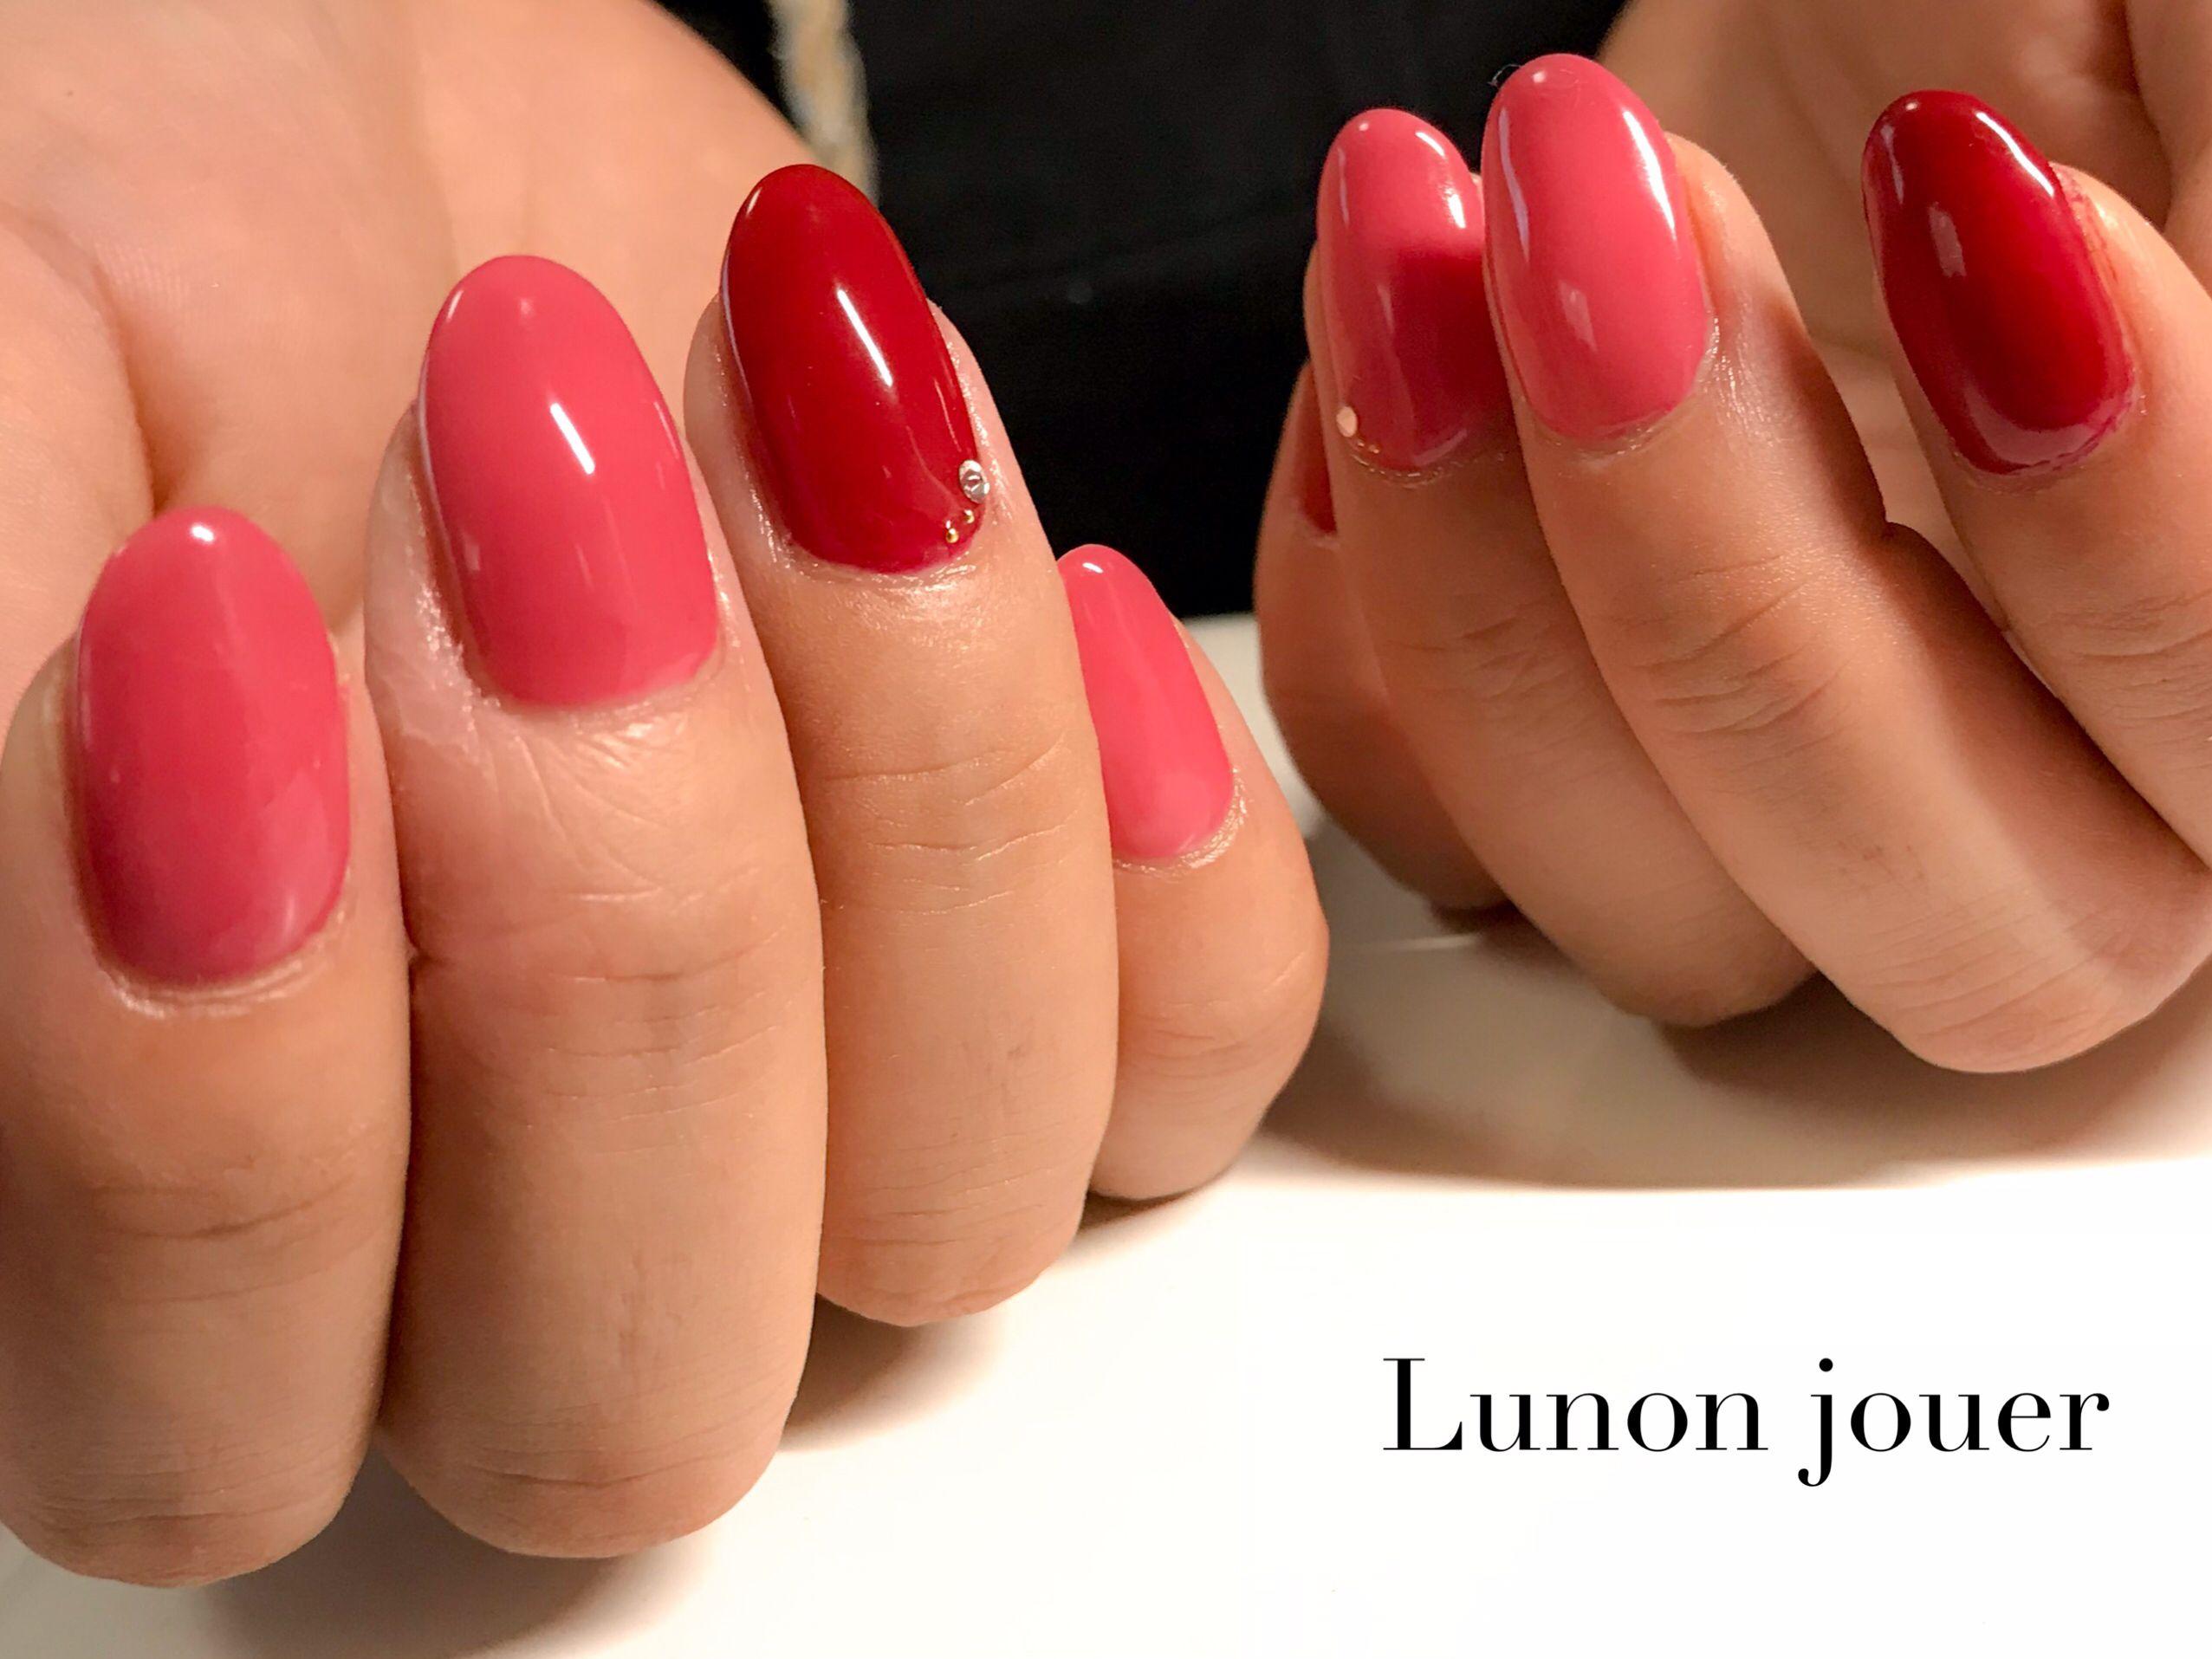 くすみピンクとボルドーで大人フェミニンなネイル。 カラー自体